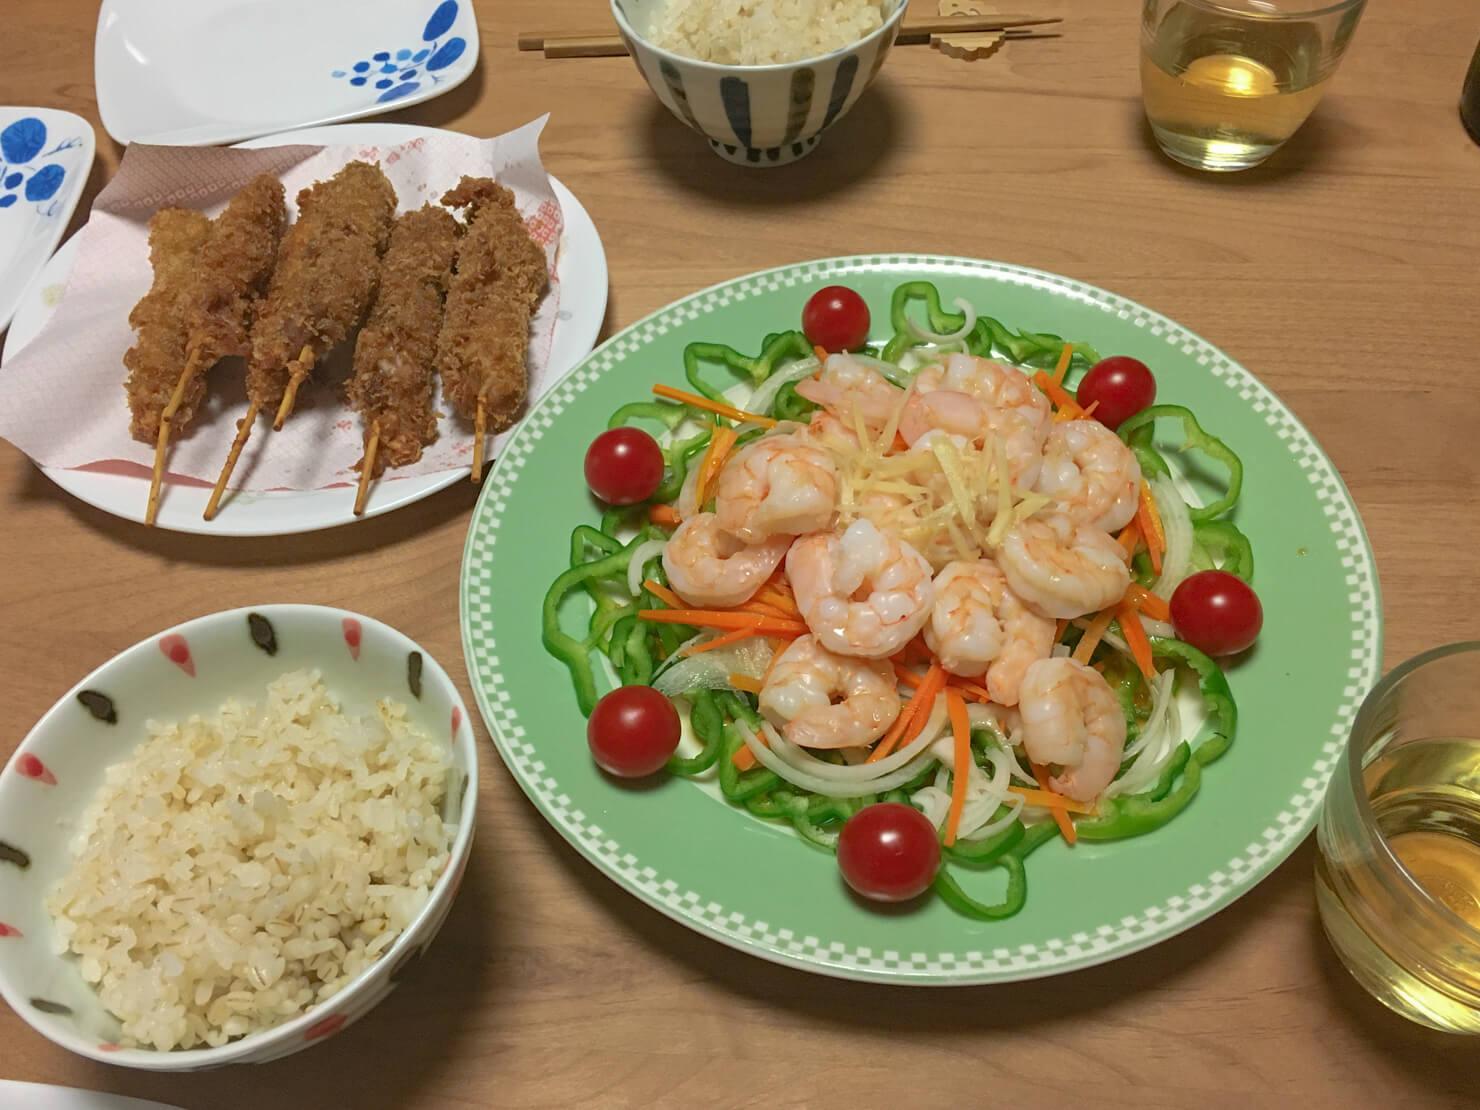 ピーマンとエビの和風サラダ中心の晩御飯の写真